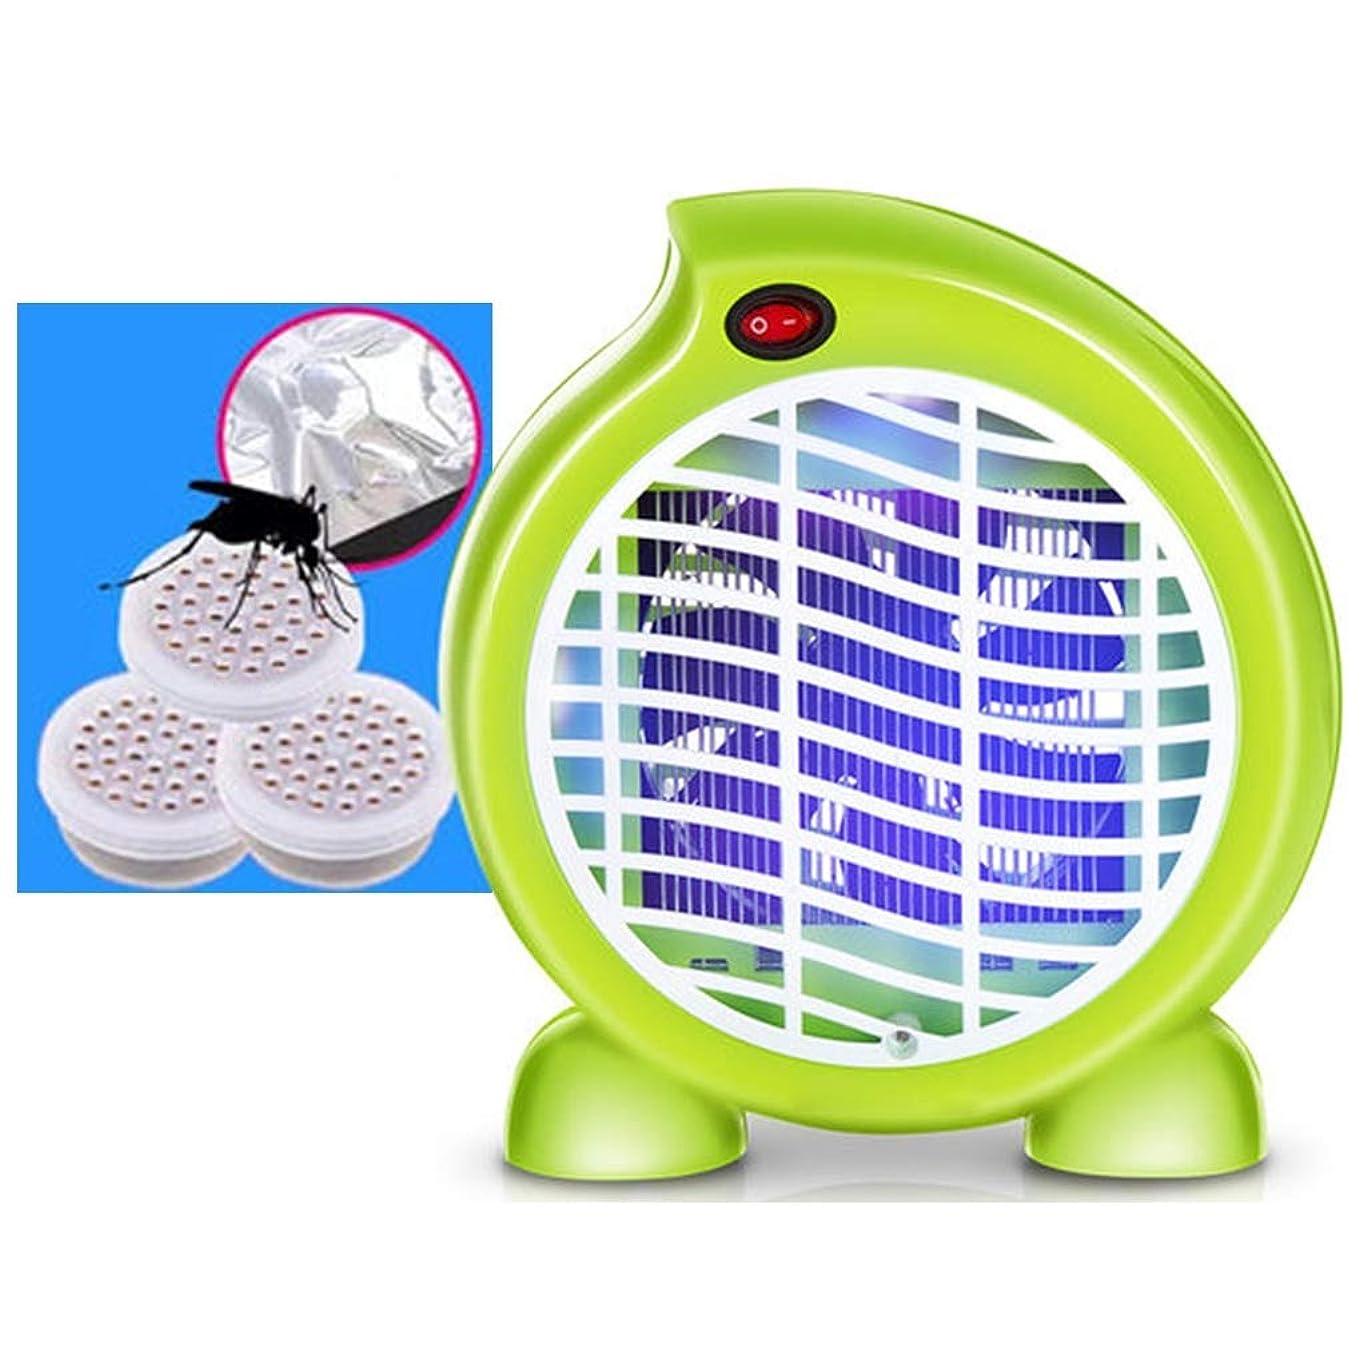 写真を描く忍耐レイア家庭用蚊キラーに適して、静かなミュートランプライト屋内昆虫忌避剤寝室素敵な電気ショック (Size : 3 mosquito attractant)